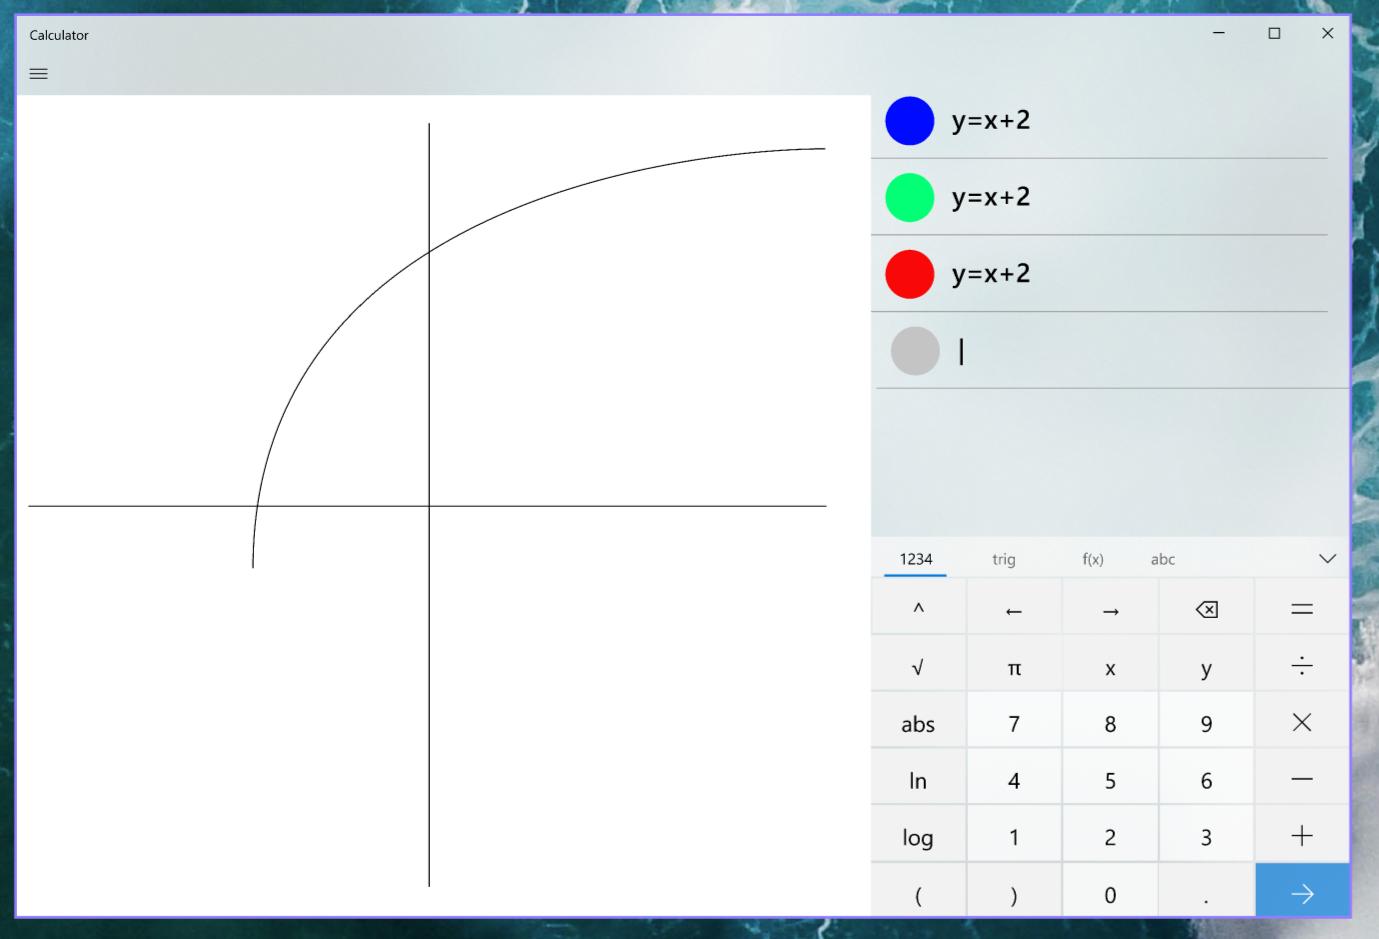 微软考虑为Windows 10的计算器应用加入图形绘制功能